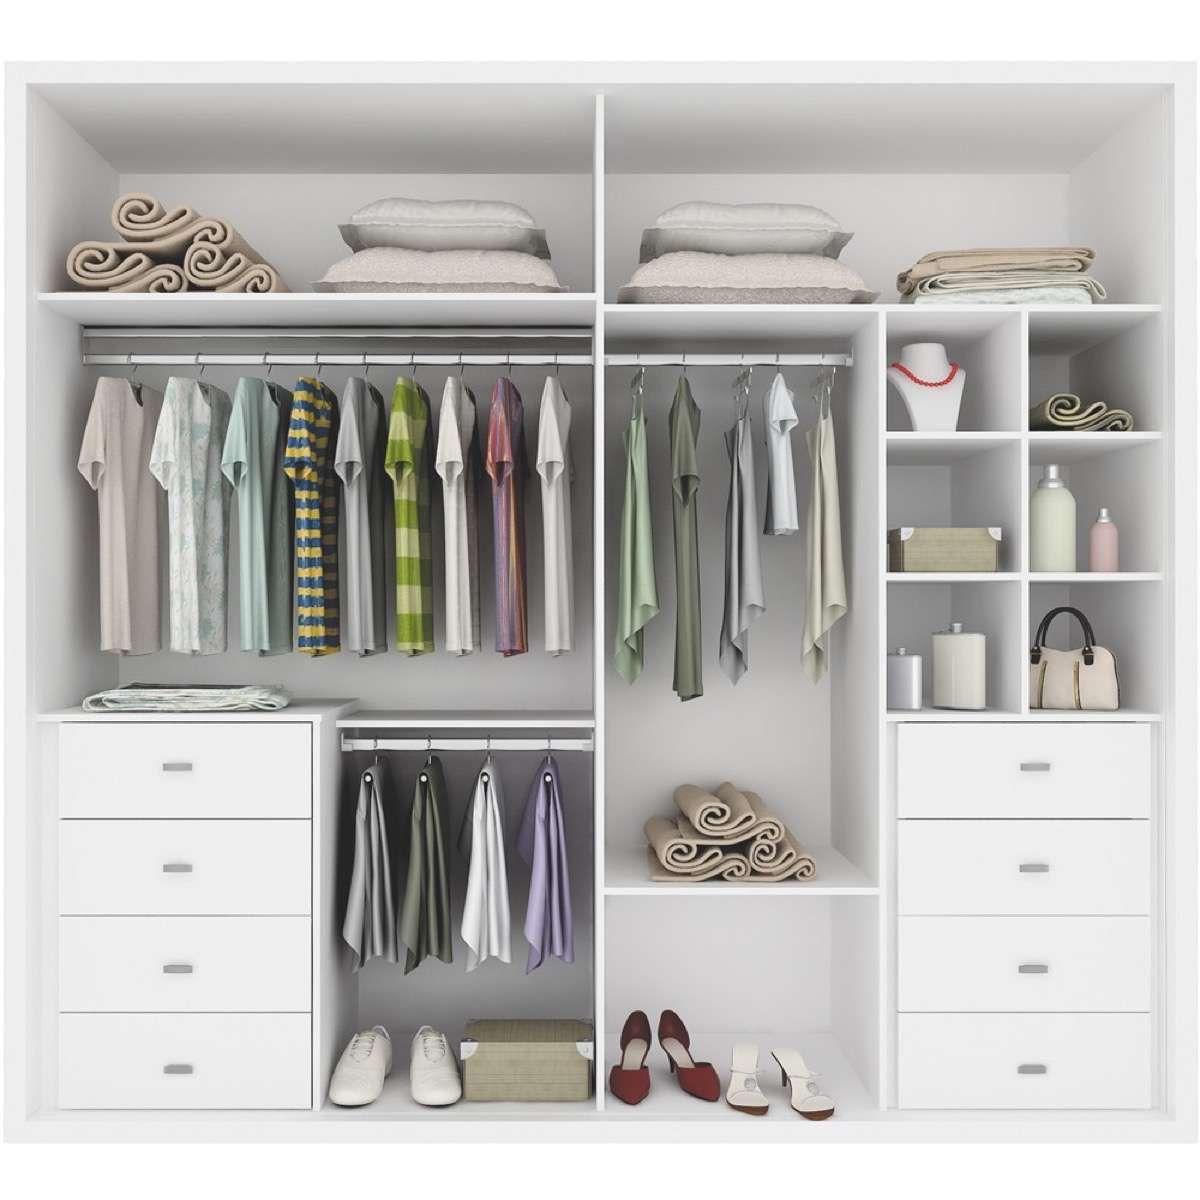 Distribuci n de armarios c mo organizar la ropa para tenerla ordenada walking closet room - Como organizar armarios ...